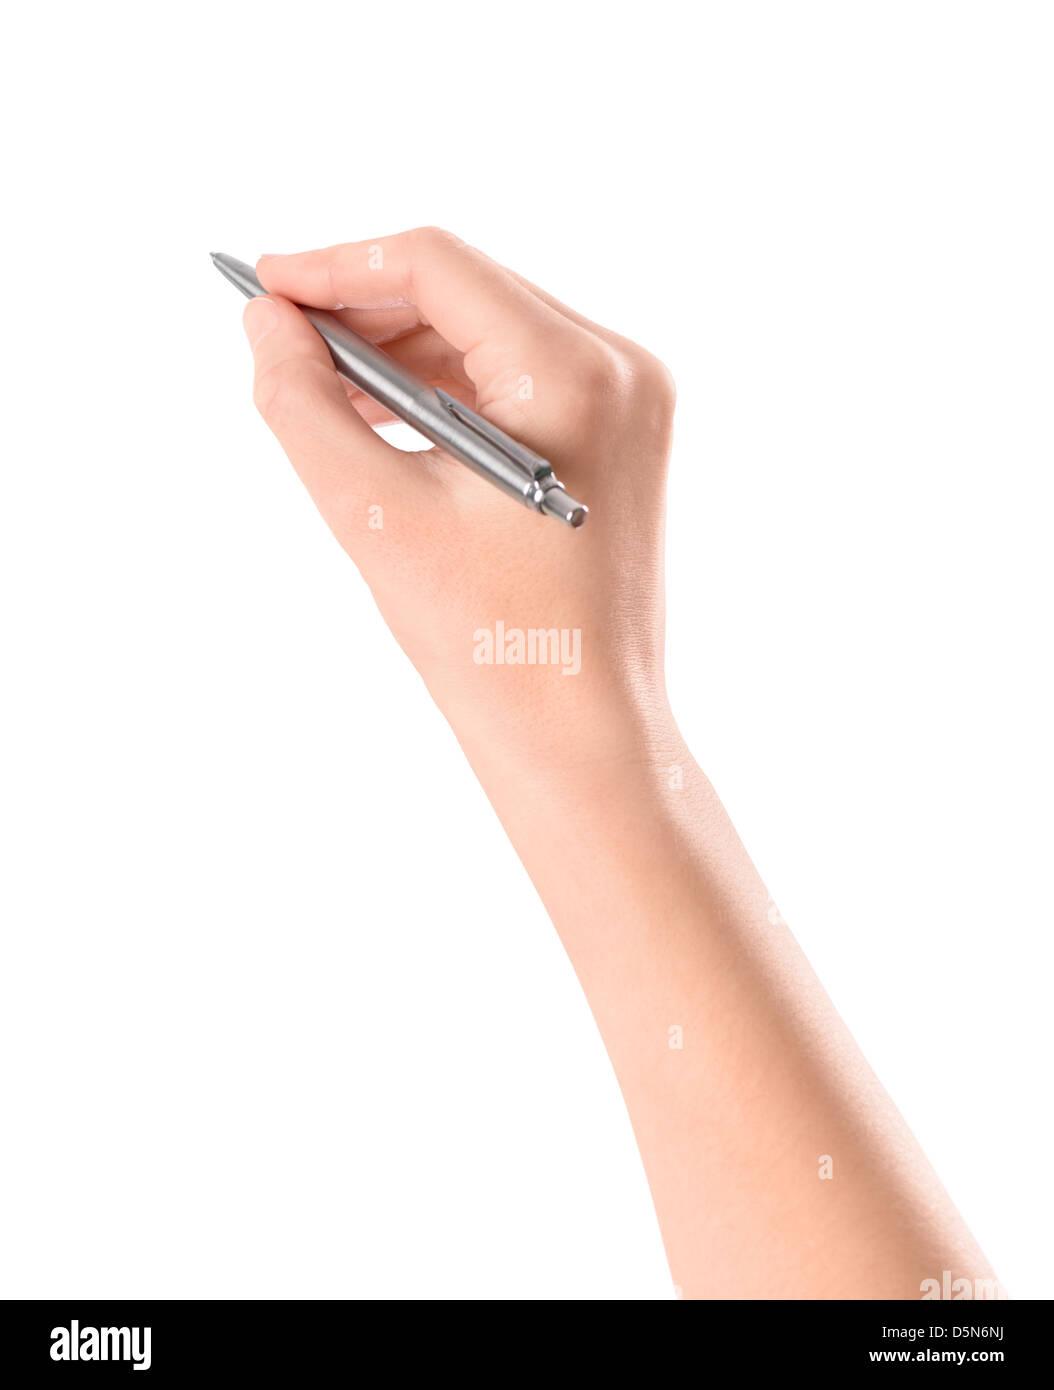 Nahaufnahme von Frauen Arm mit metallischen Stift schreiben. Isoliert auf weißem Hintergrund. Stockbild